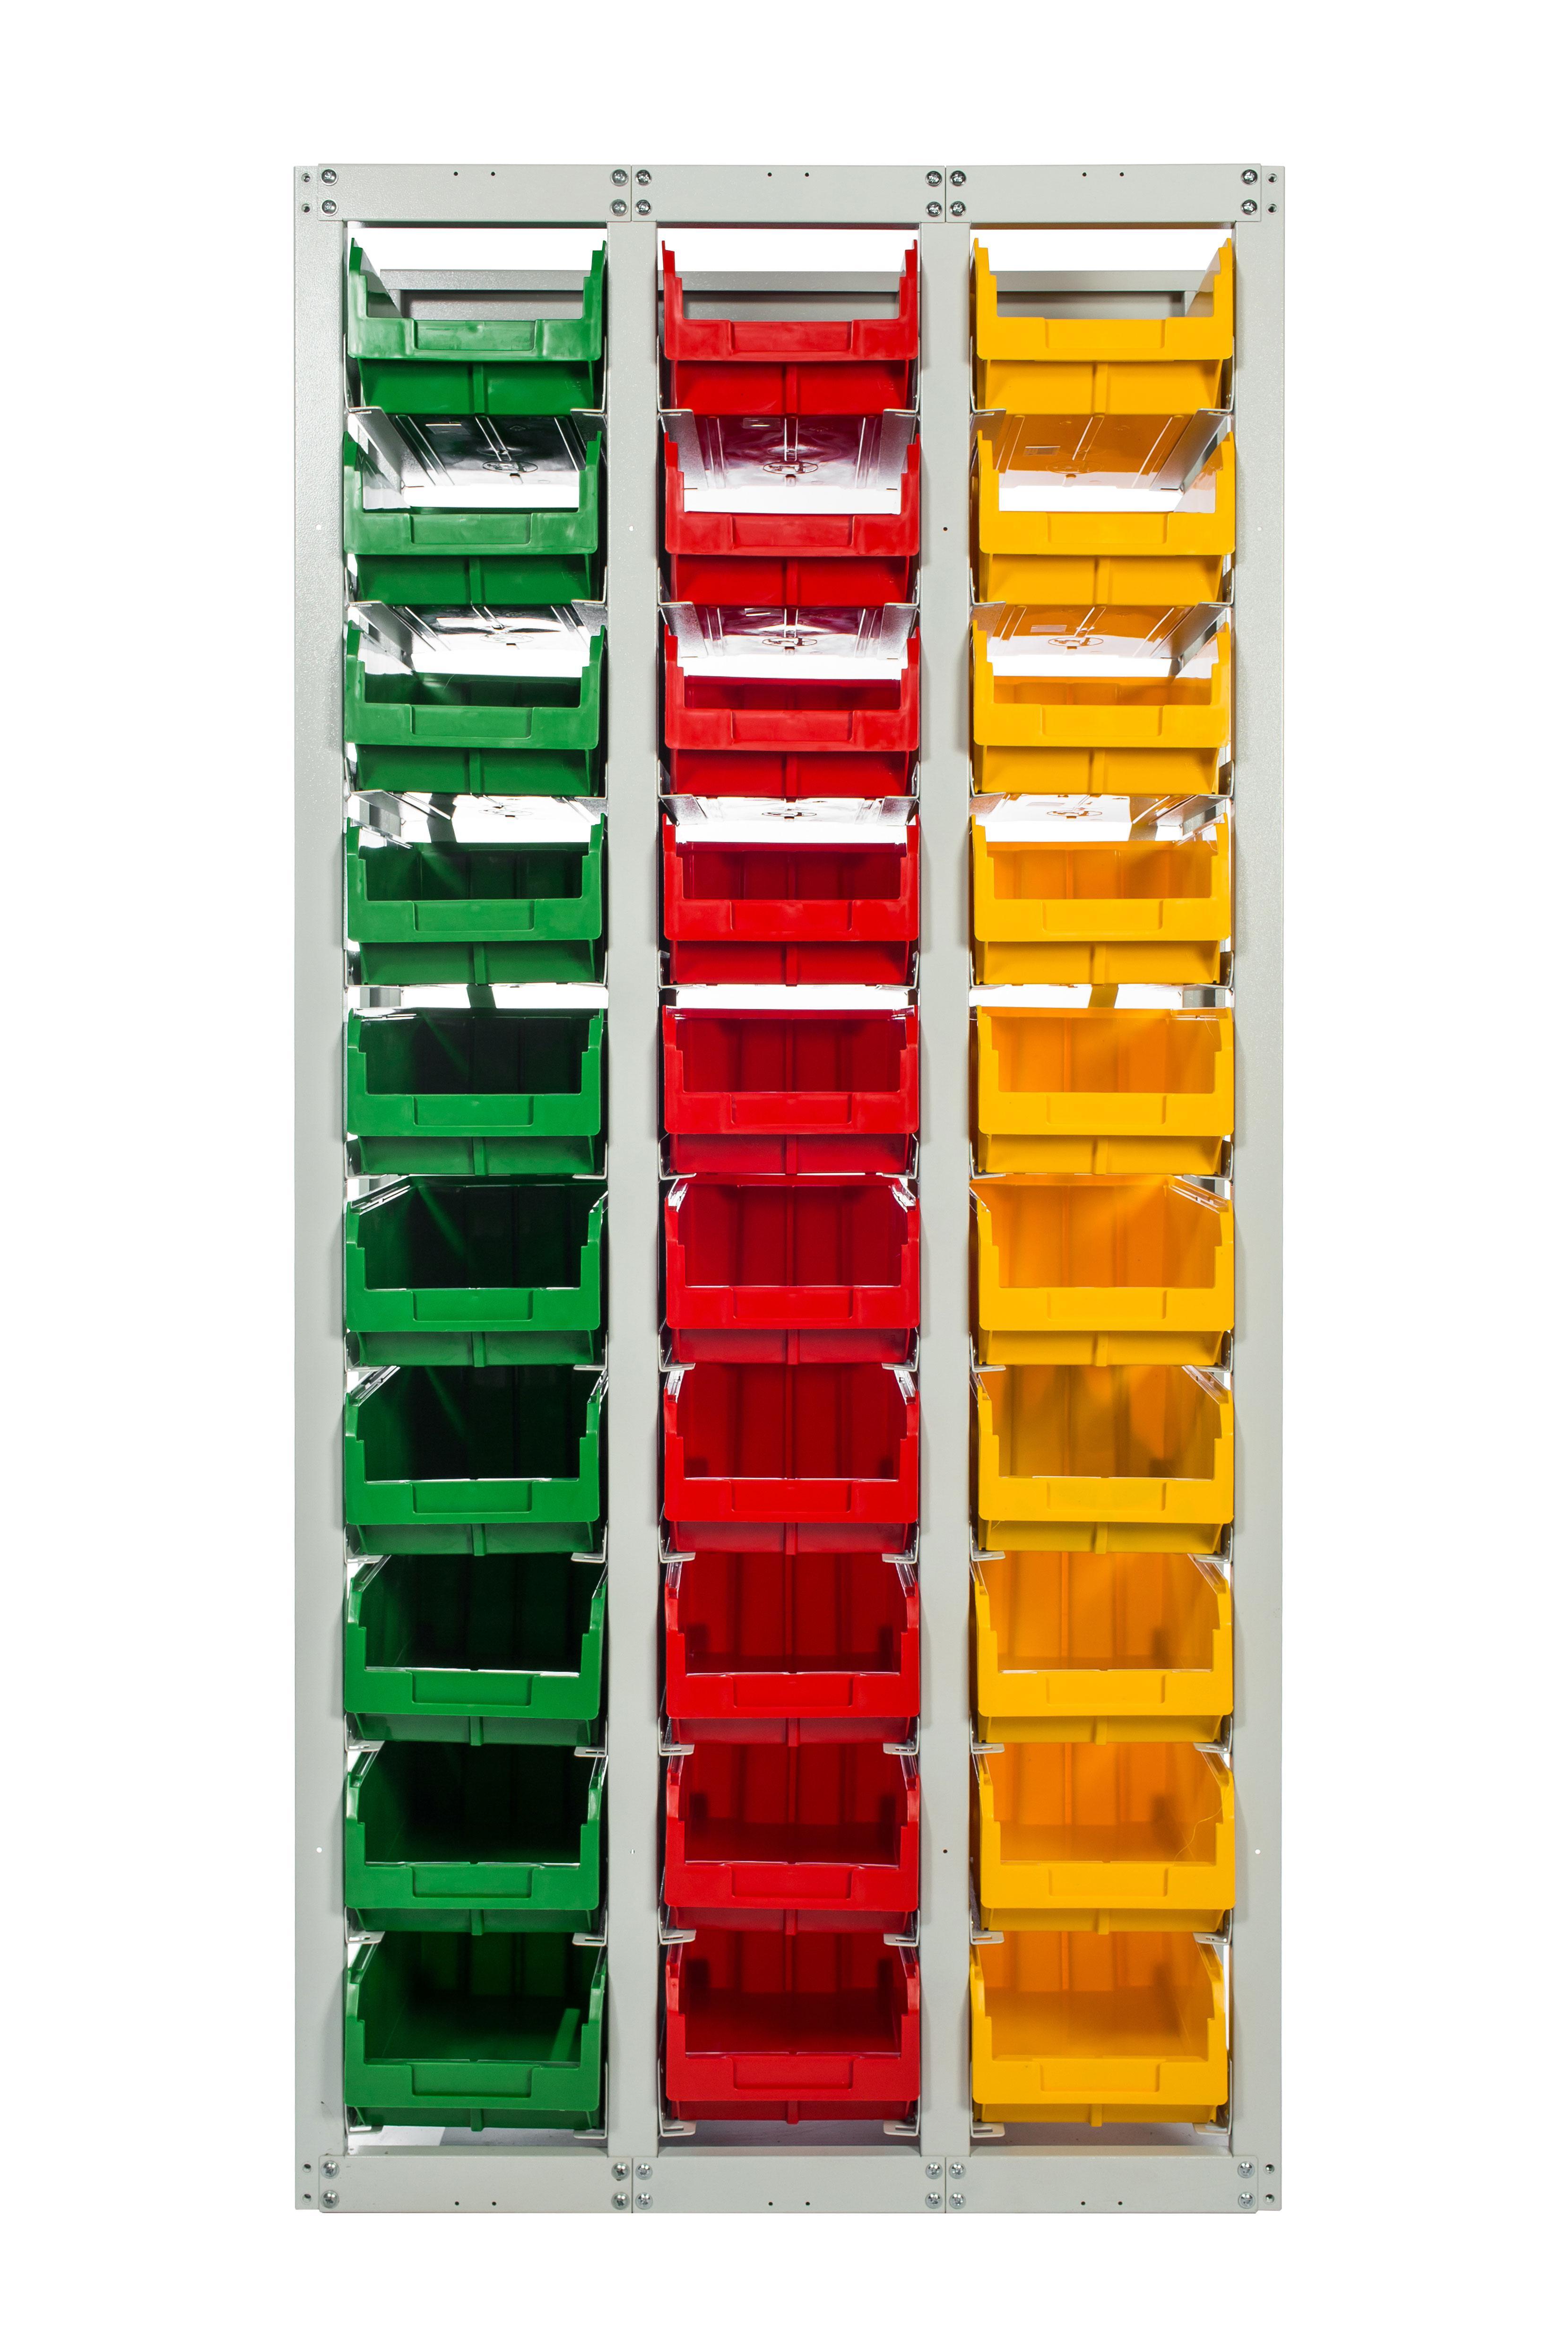 Стеллаж СТЕЛЛА Cp-3 (1 основная +2 дополнительные) (зеленый/ красный/ желтый) dt01151 projector lamp with housing for hitachi cp rx79 ed x26 cp rx82 cp rx93 projectors